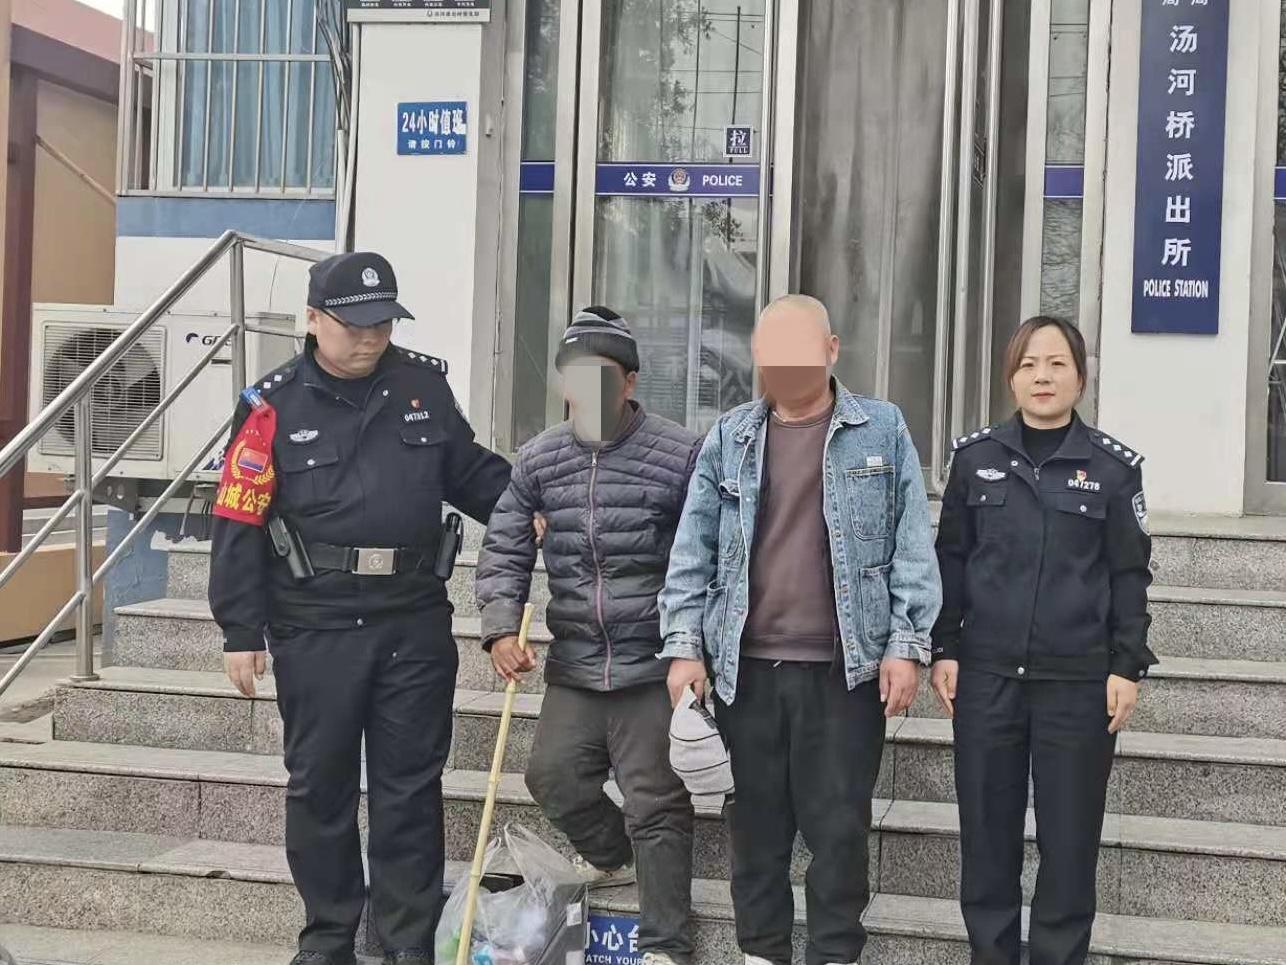 淇滨区:老人露宿街头 民警救助送其回家